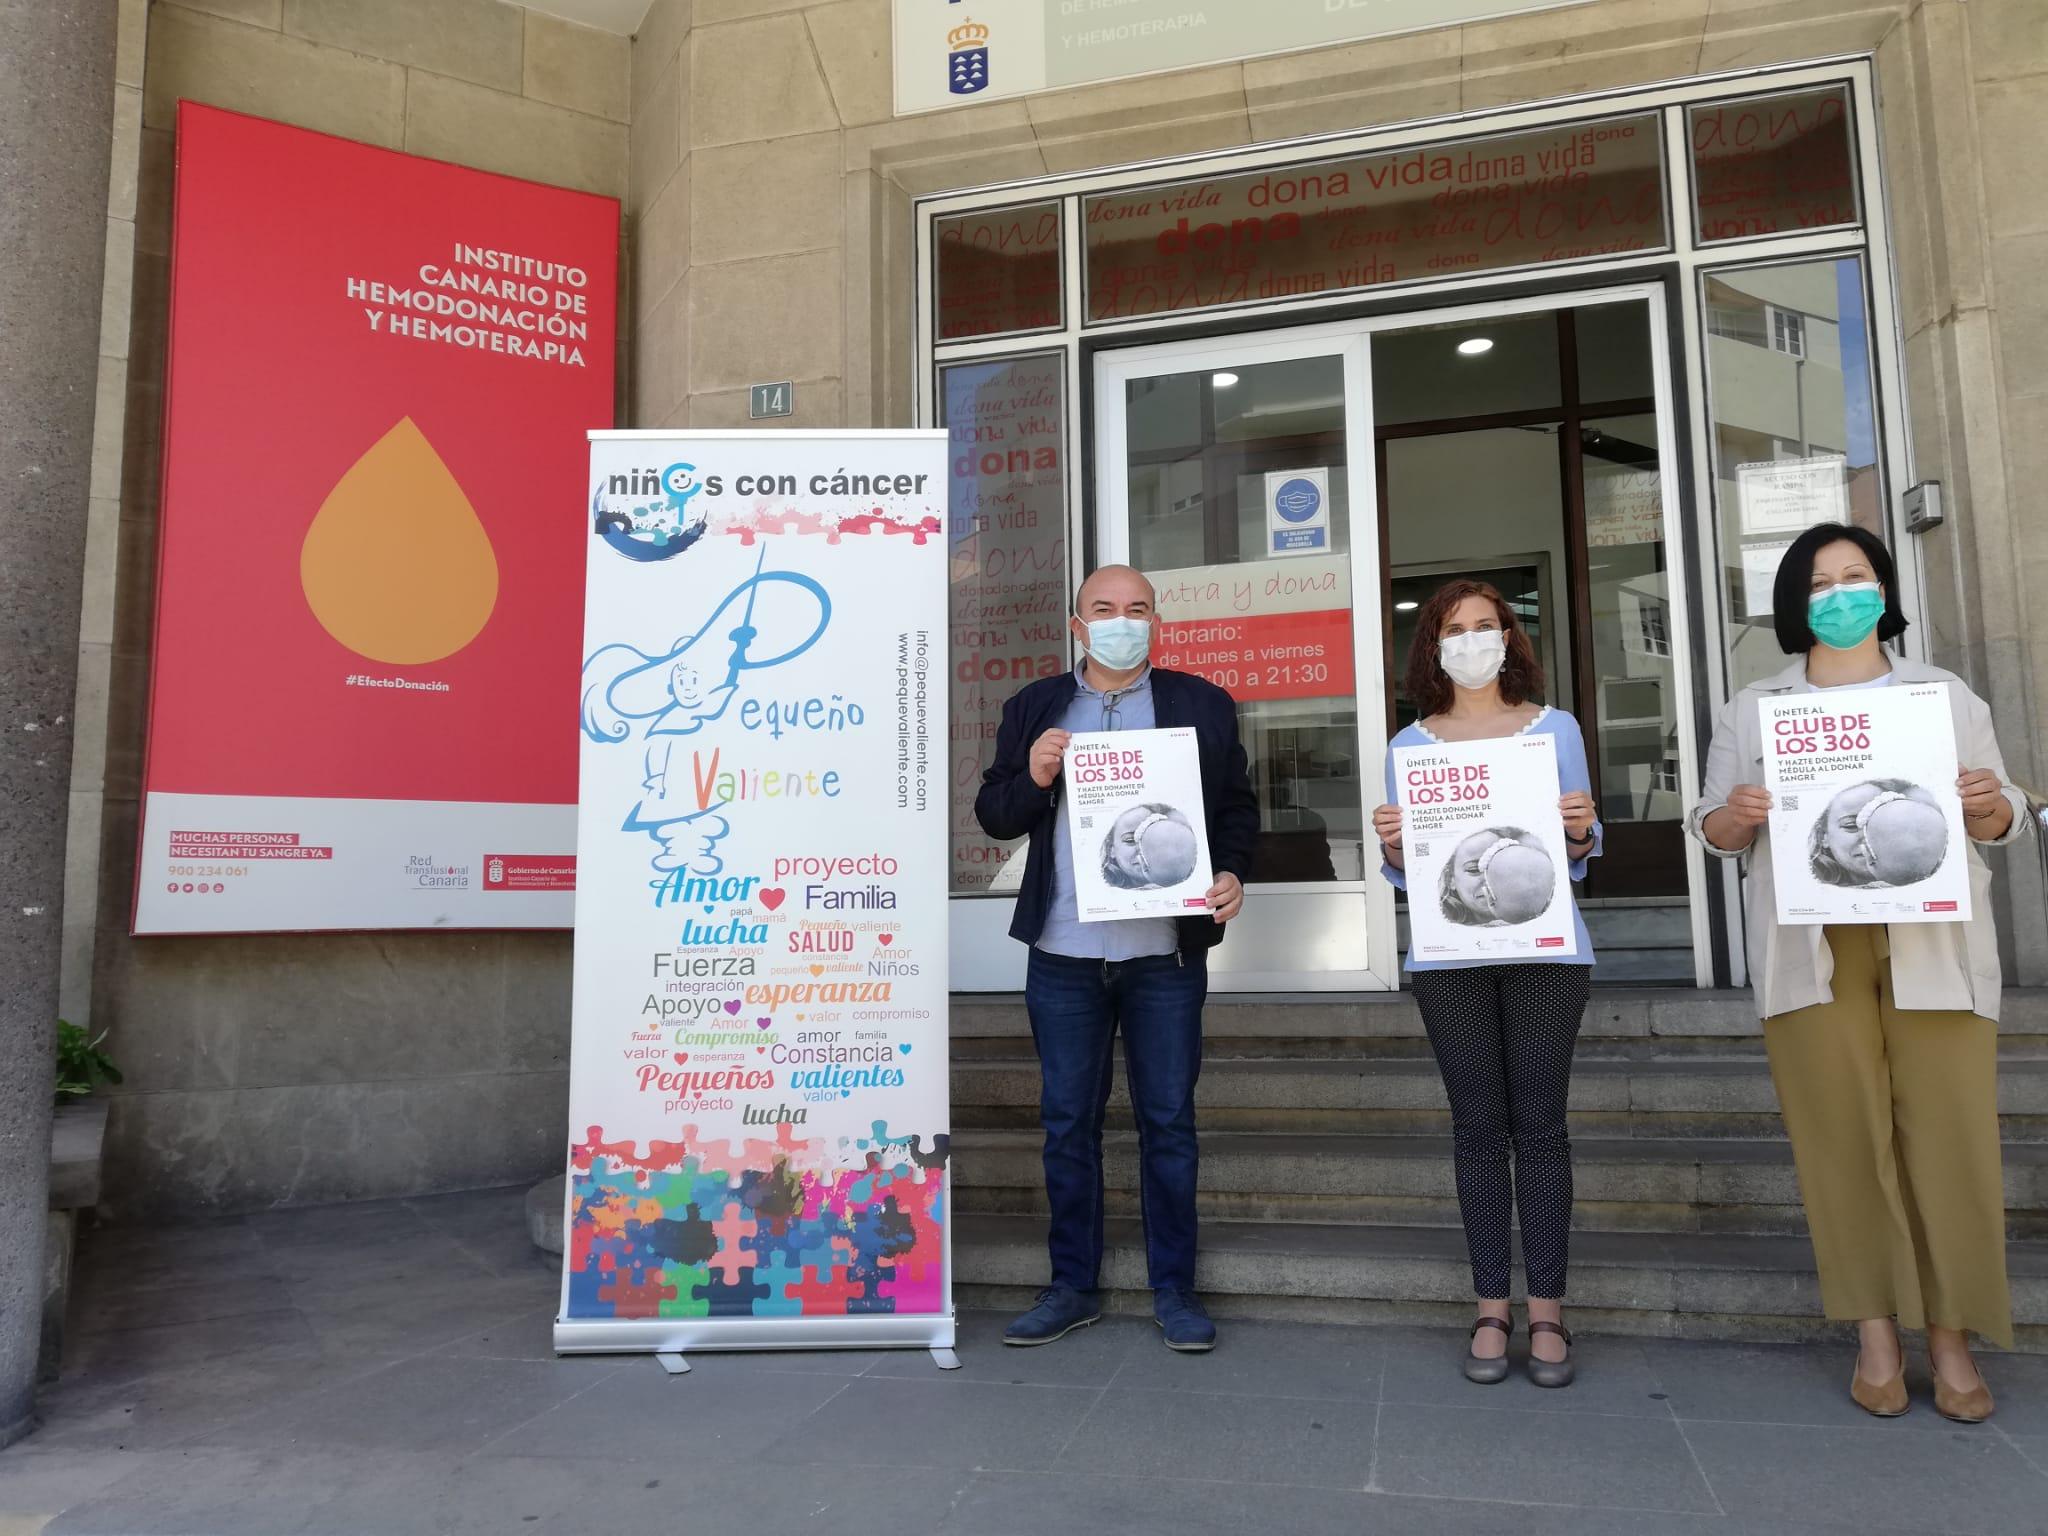 El ICHH presenta una nueva campaña de colaboración para promocionar la donación de médula ósea   El Periódico de Ycoden Daute